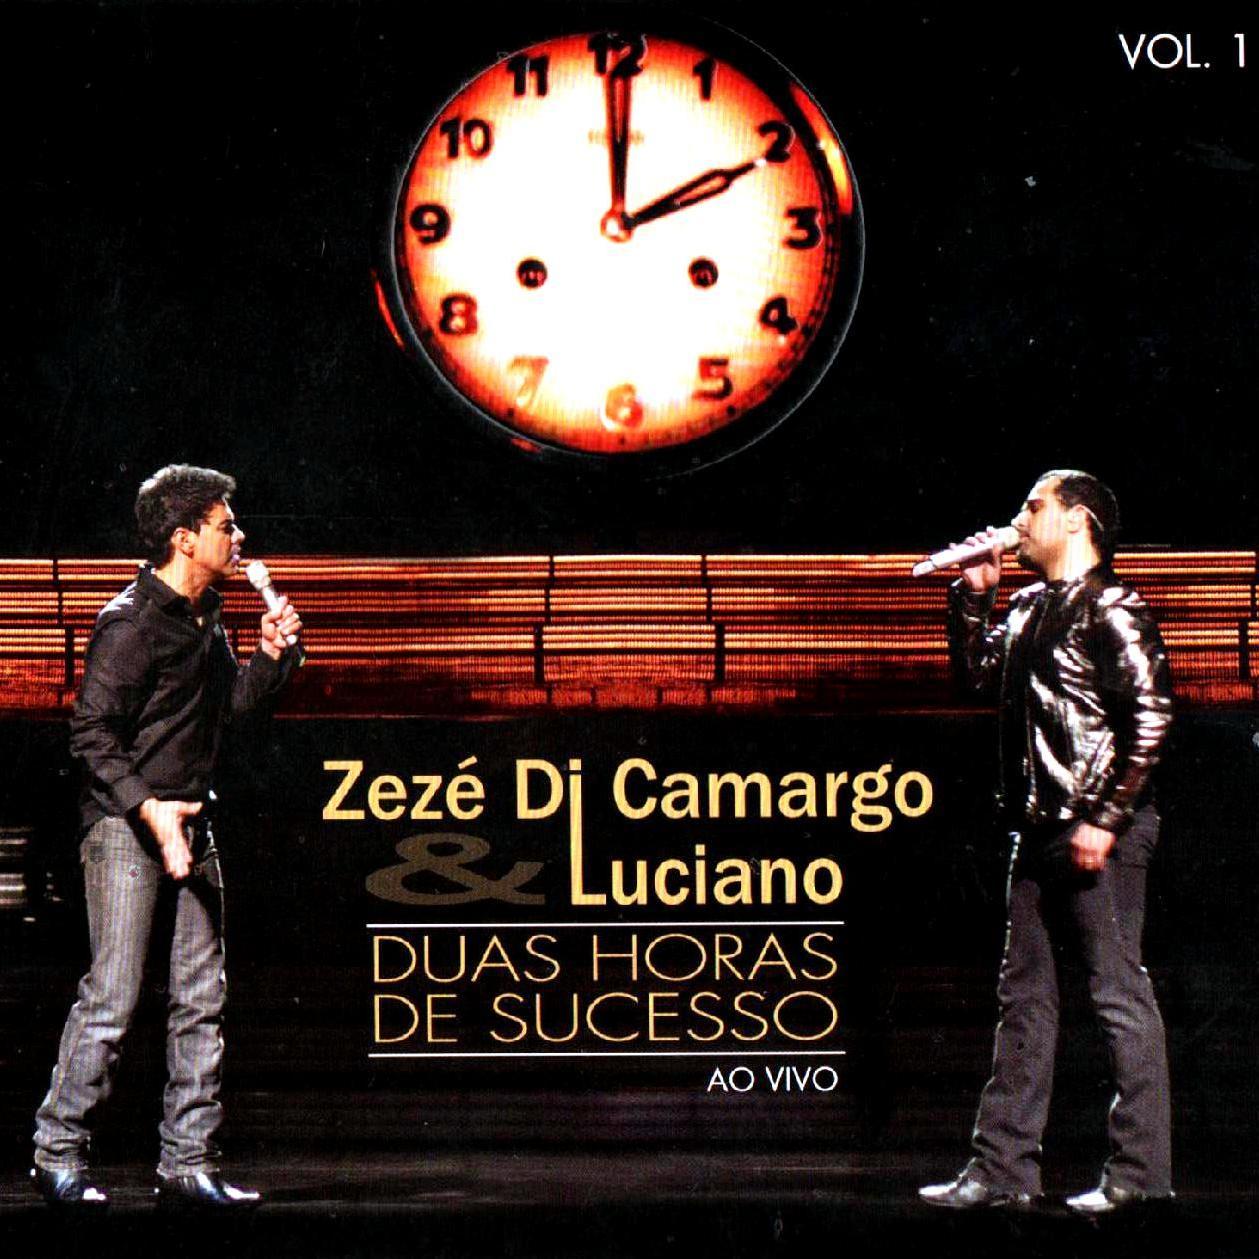 cd zeze di camargo e luciano ao vivo 2011